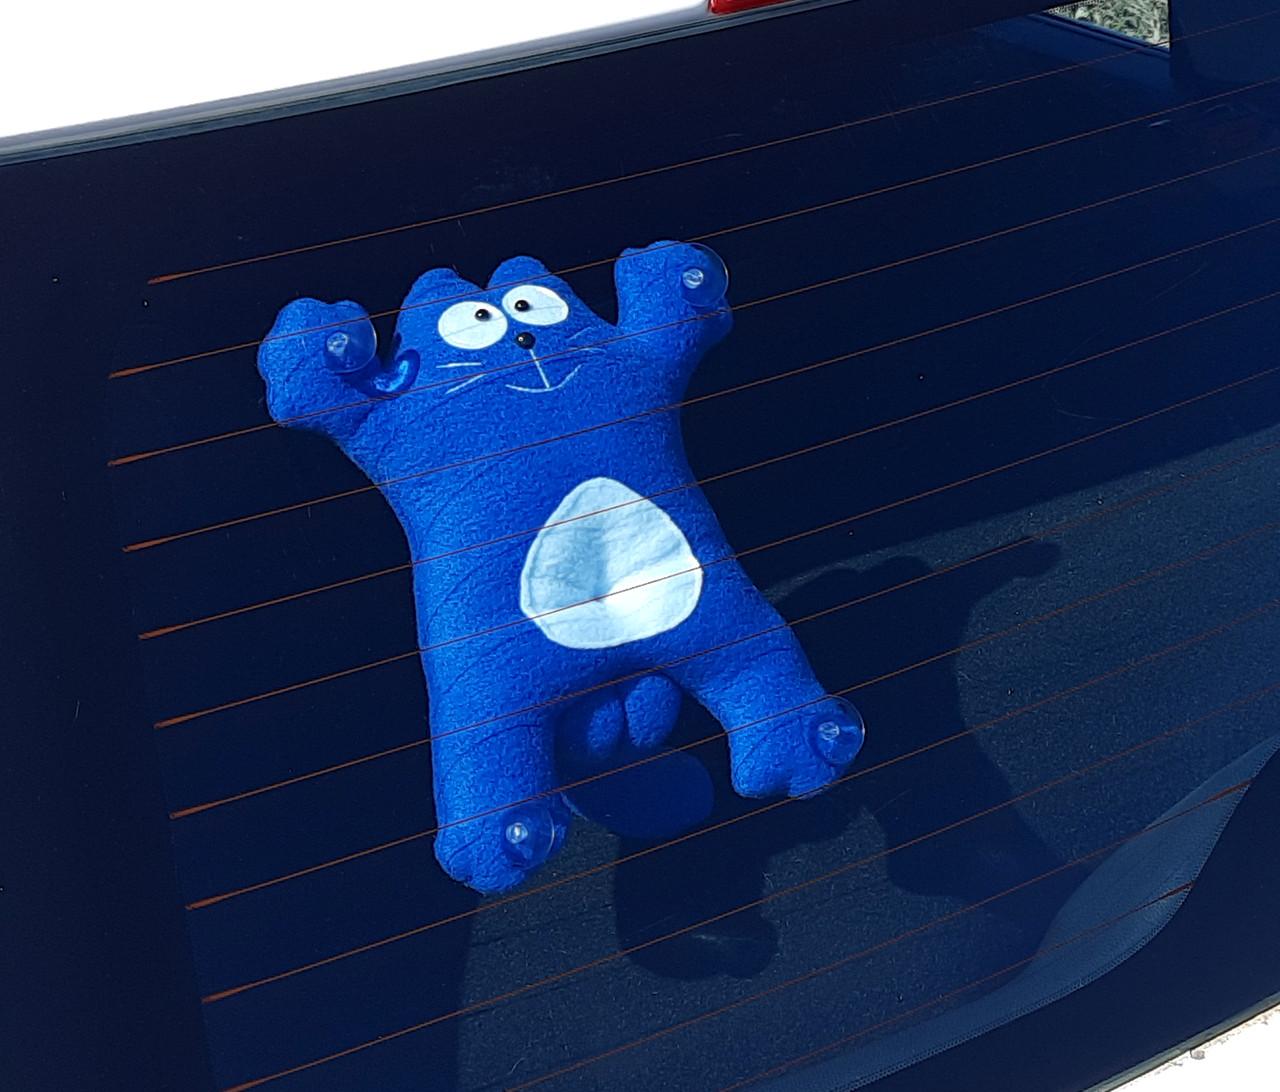 Кот Саймон на присосках синий - Сувенир в машину - Игрушка в машину Кот Саймон - Подарок автомобилисту